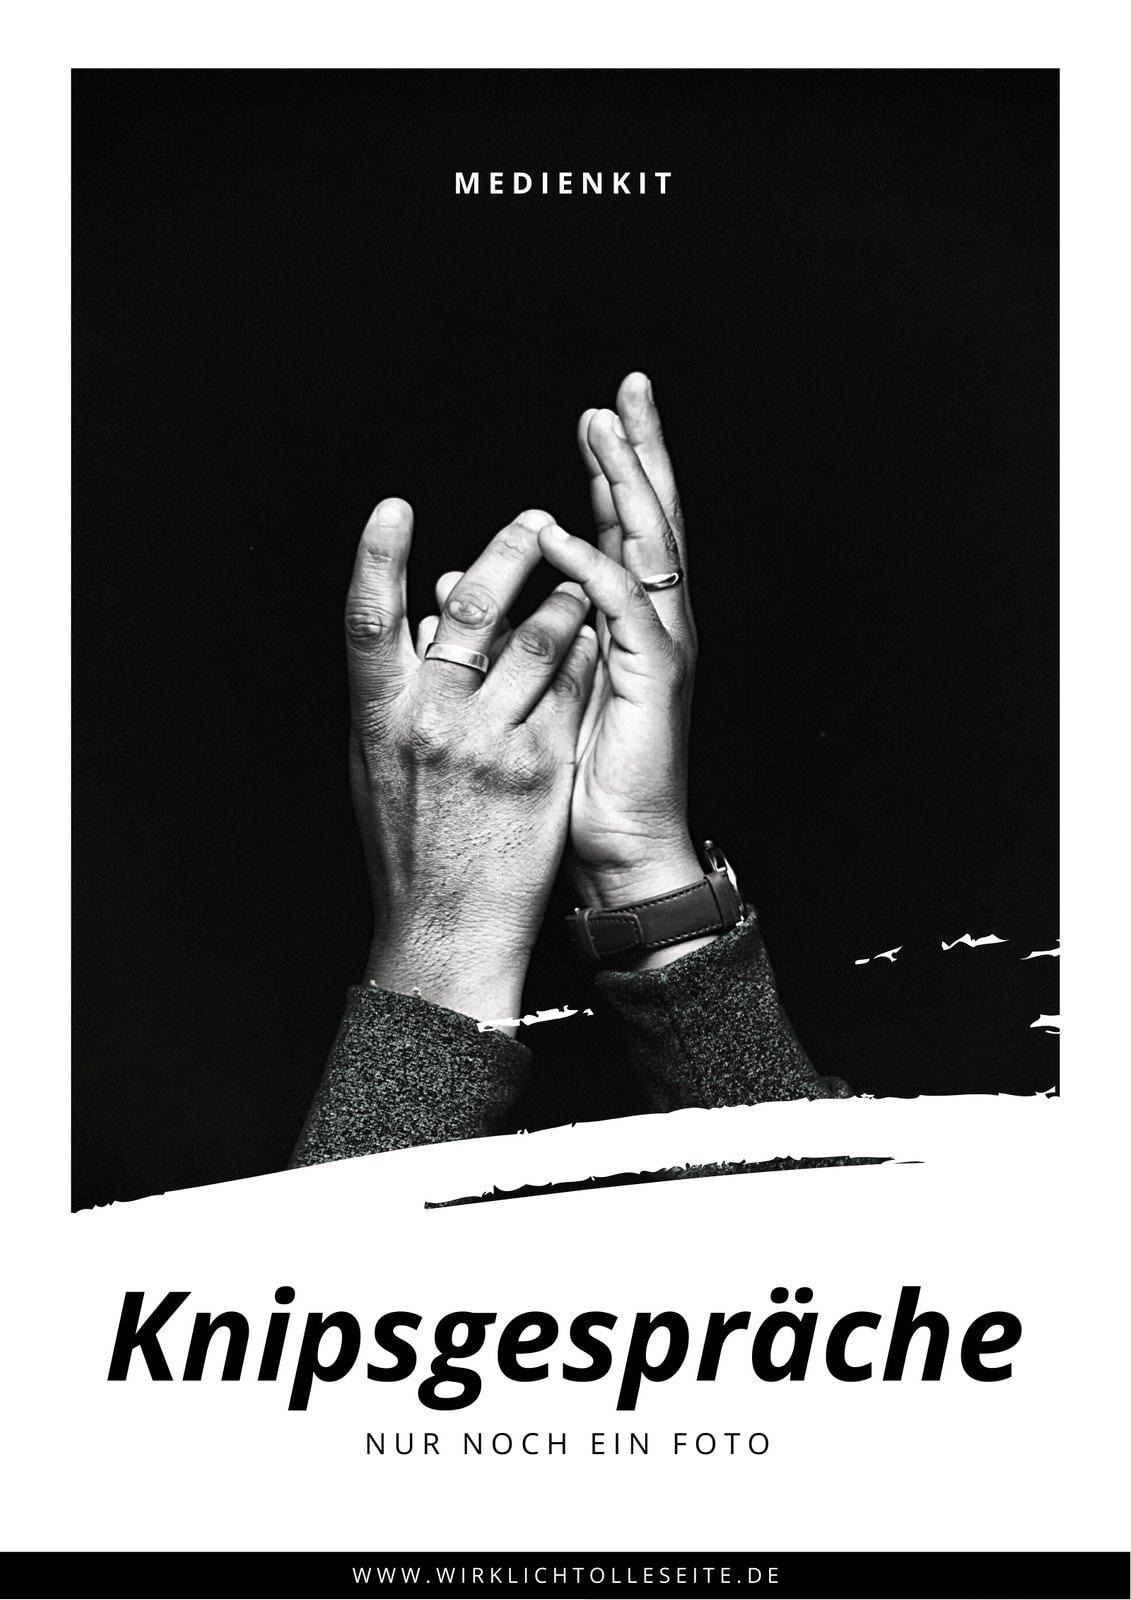 Schwarz und Weiß Fotografie Allgemein Medienkit